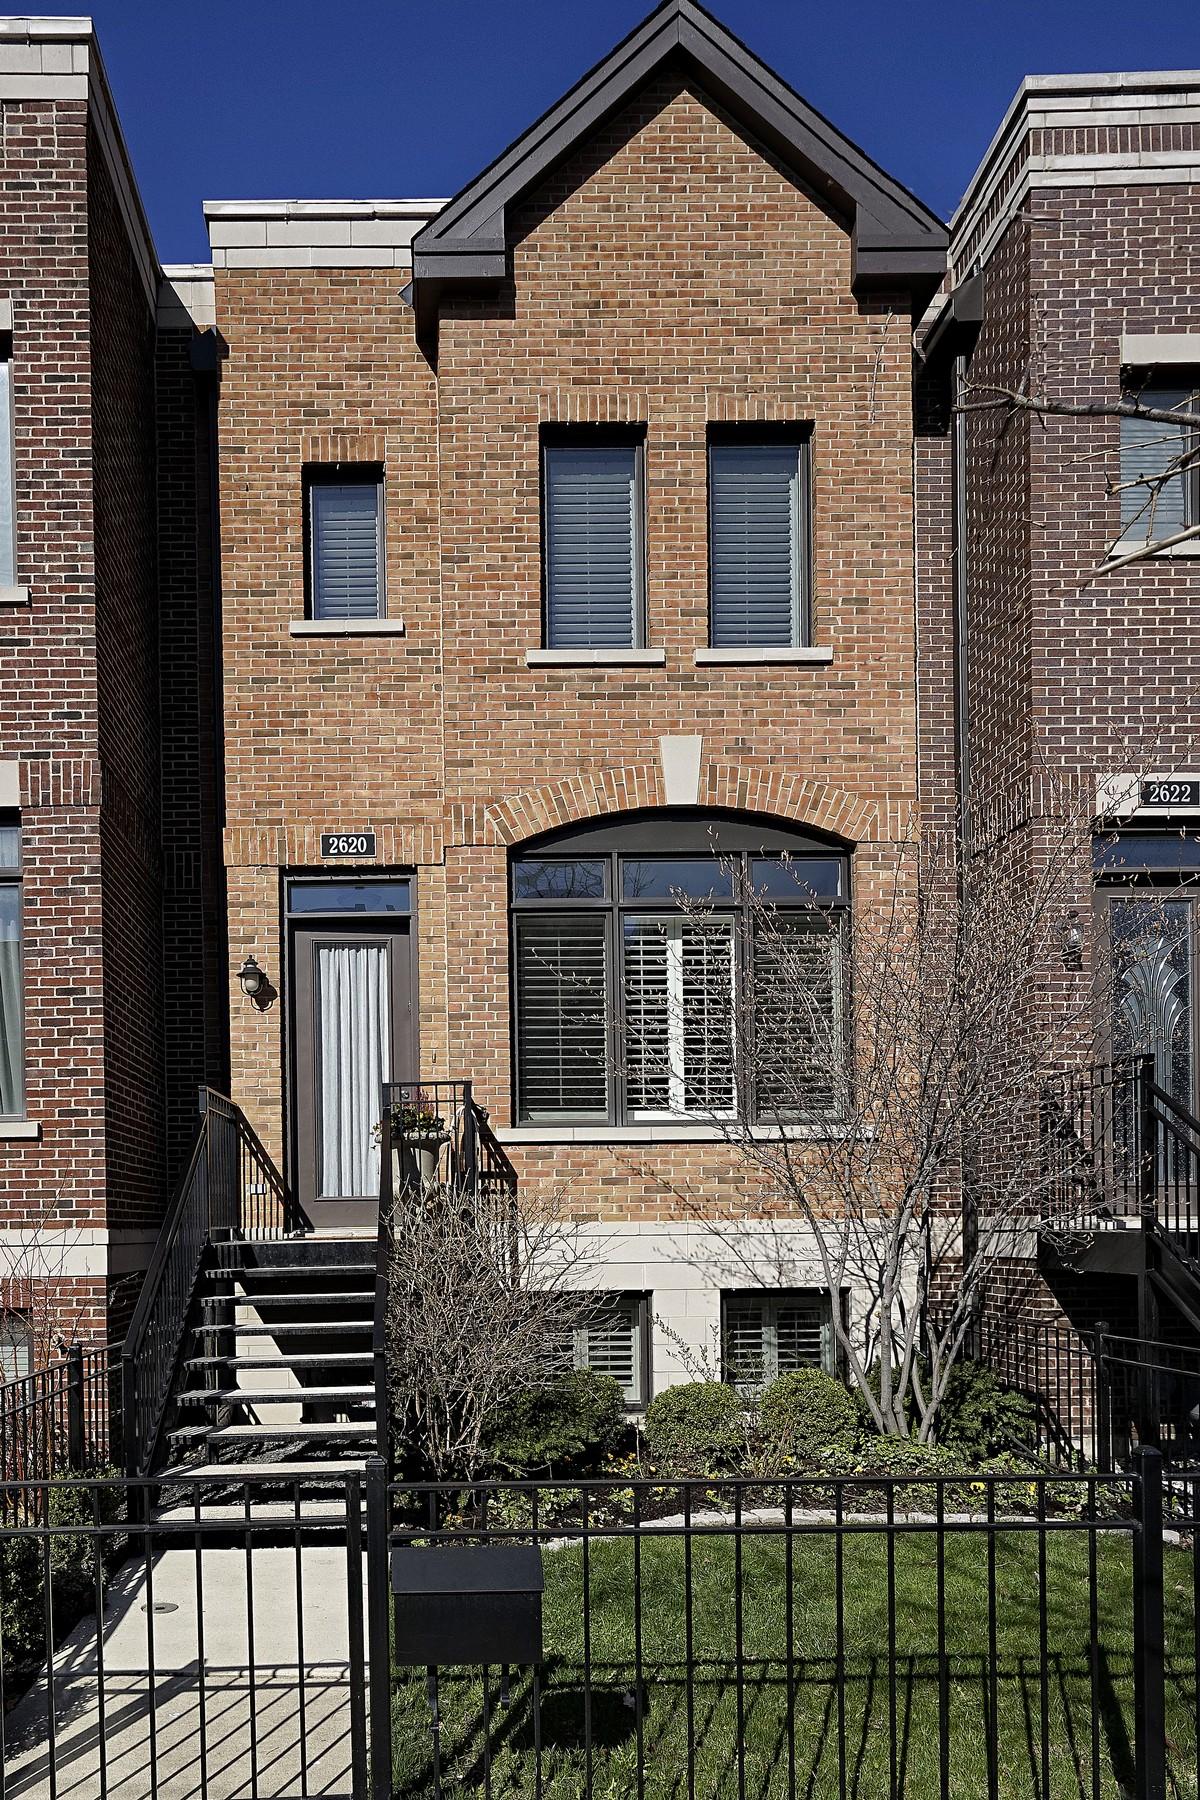 独户住宅 为 销售 在 Stunning Brick Row Home 2620 N Paulina Street Lincoln Park, 芝加哥, 伊利诺斯州, 60614 美国